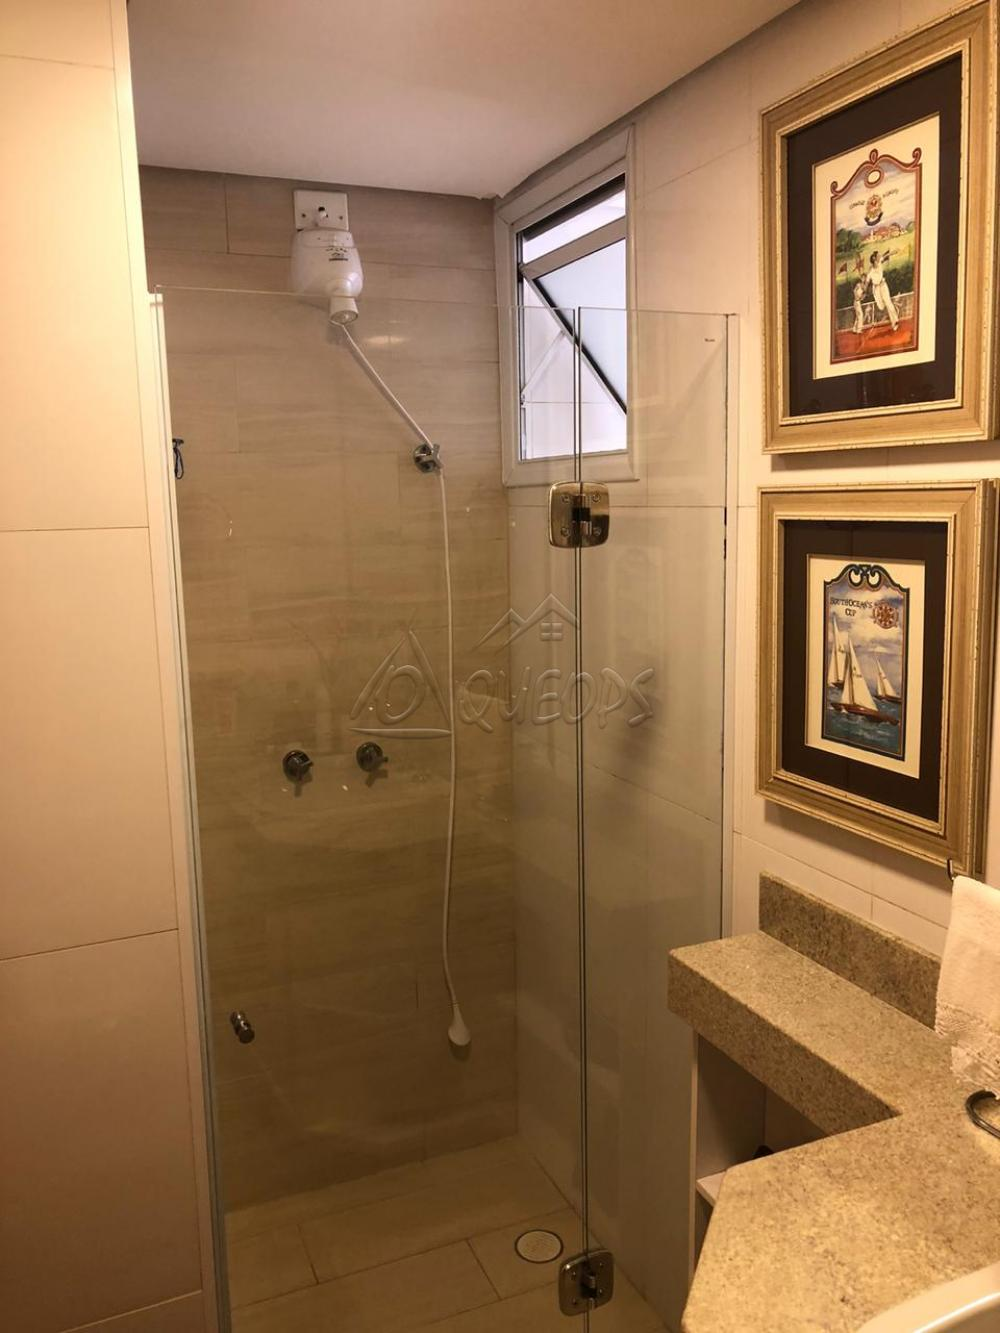 Comprar Apartamento / Padrão em Barretos apenas R$ 700.000,00 - Foto 26